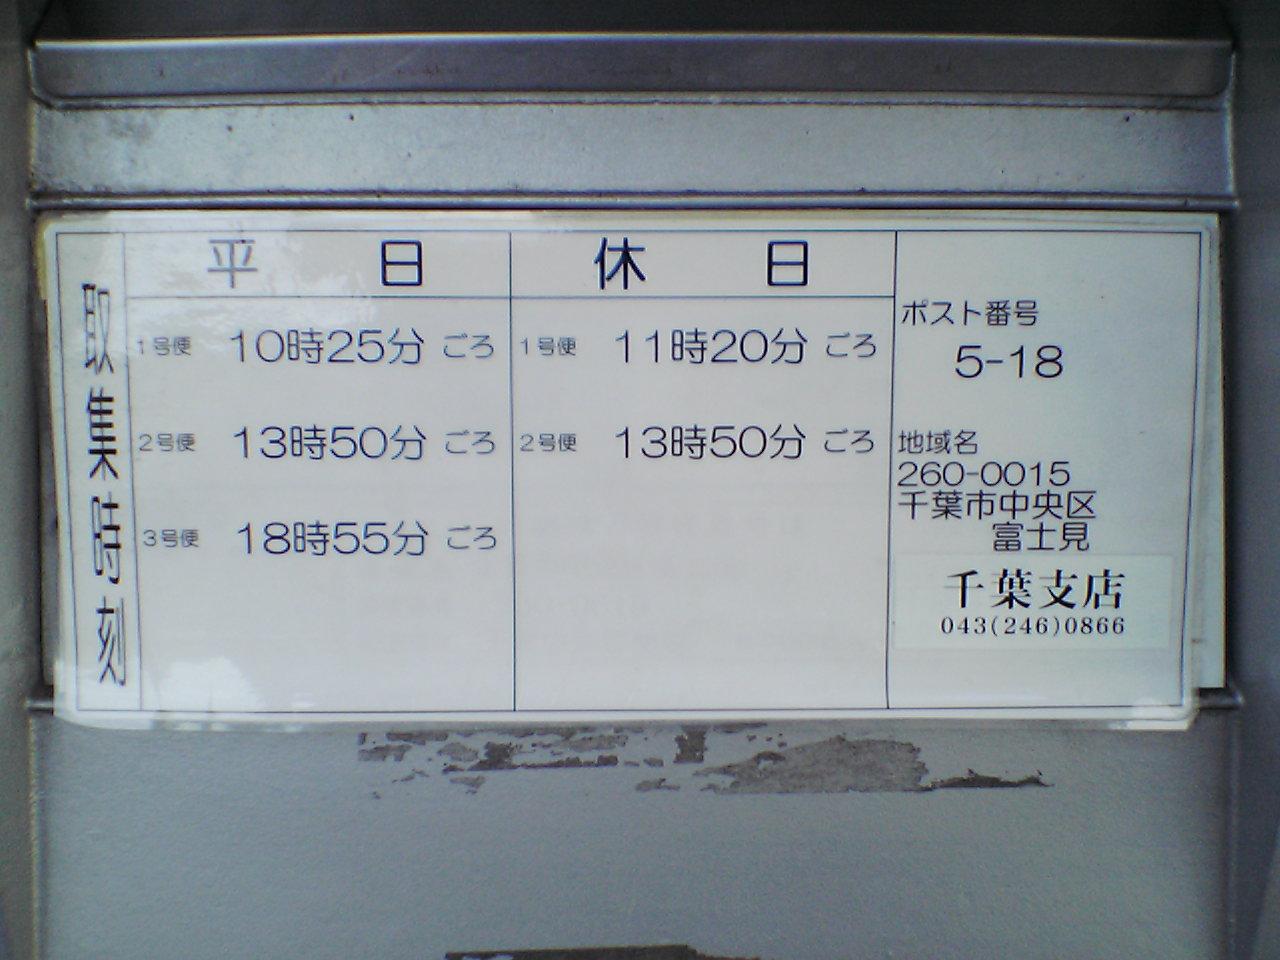 ポスト写真 : 08-01-13撮影 : 京葉銀行文化プラザの前 : 千葉県千葉市中央区富士見一丁目3-2